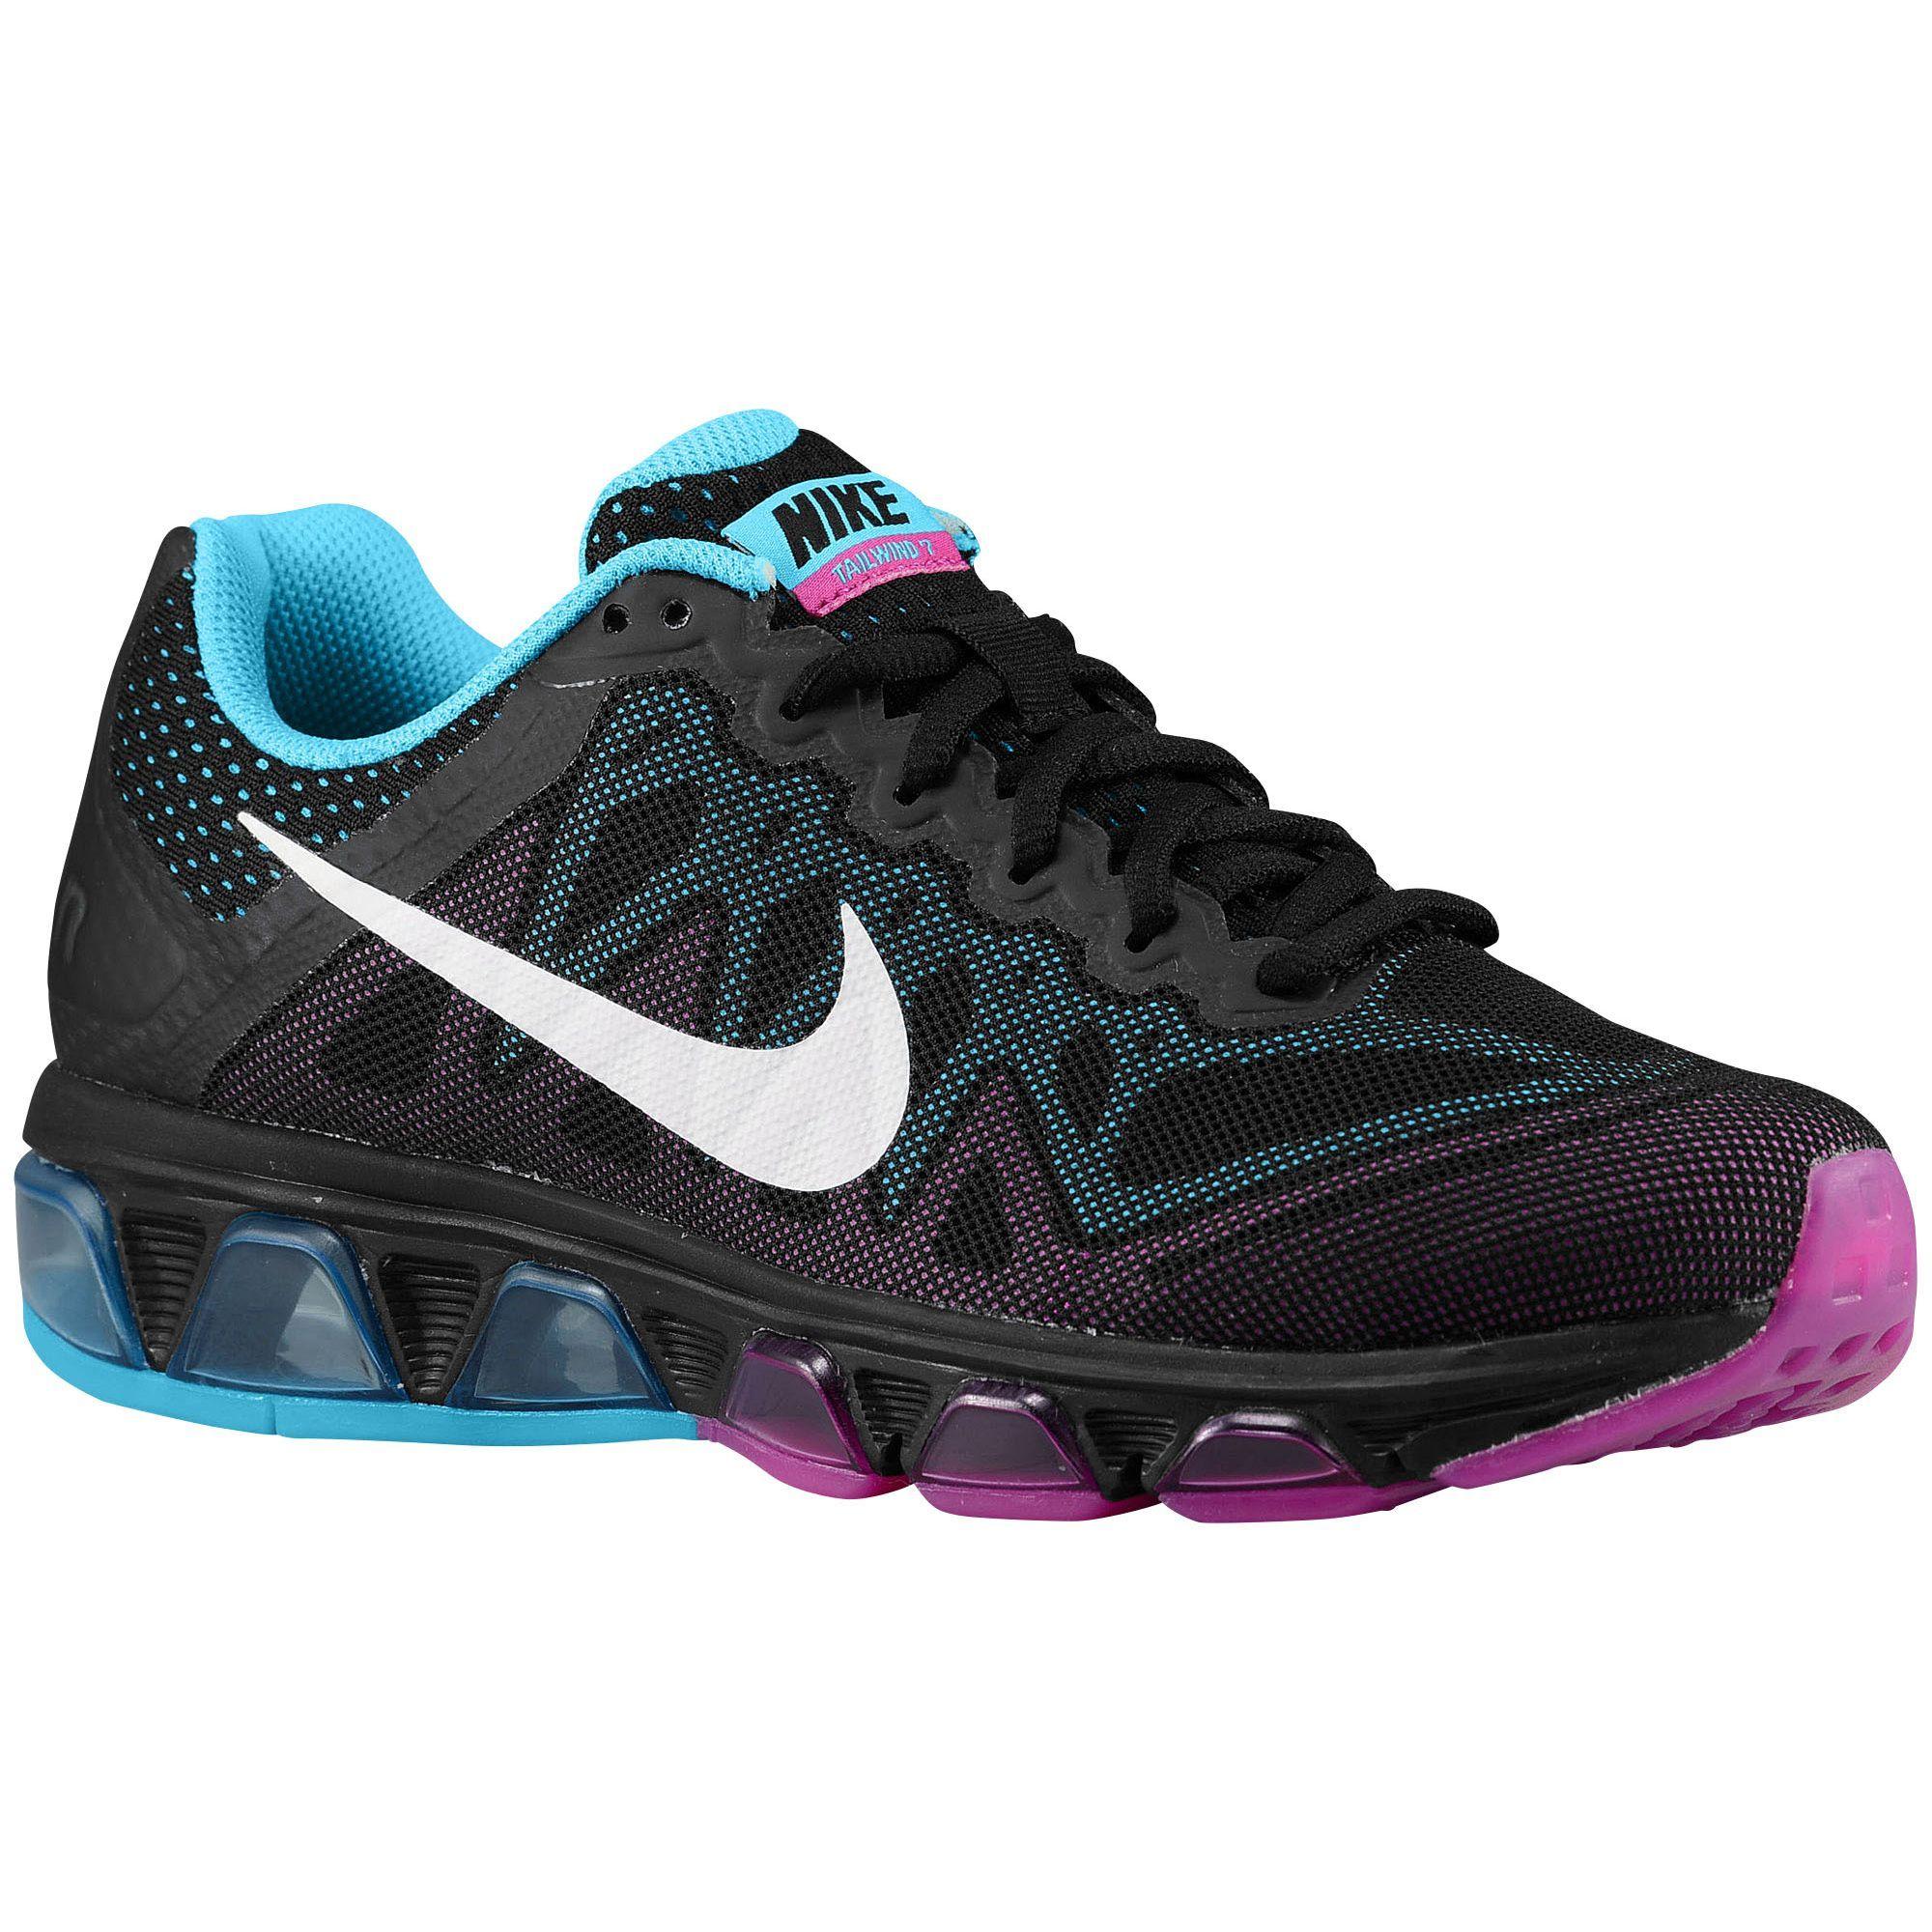 Nike Air Max Tailwind 7 Women's Shoes Nike air max